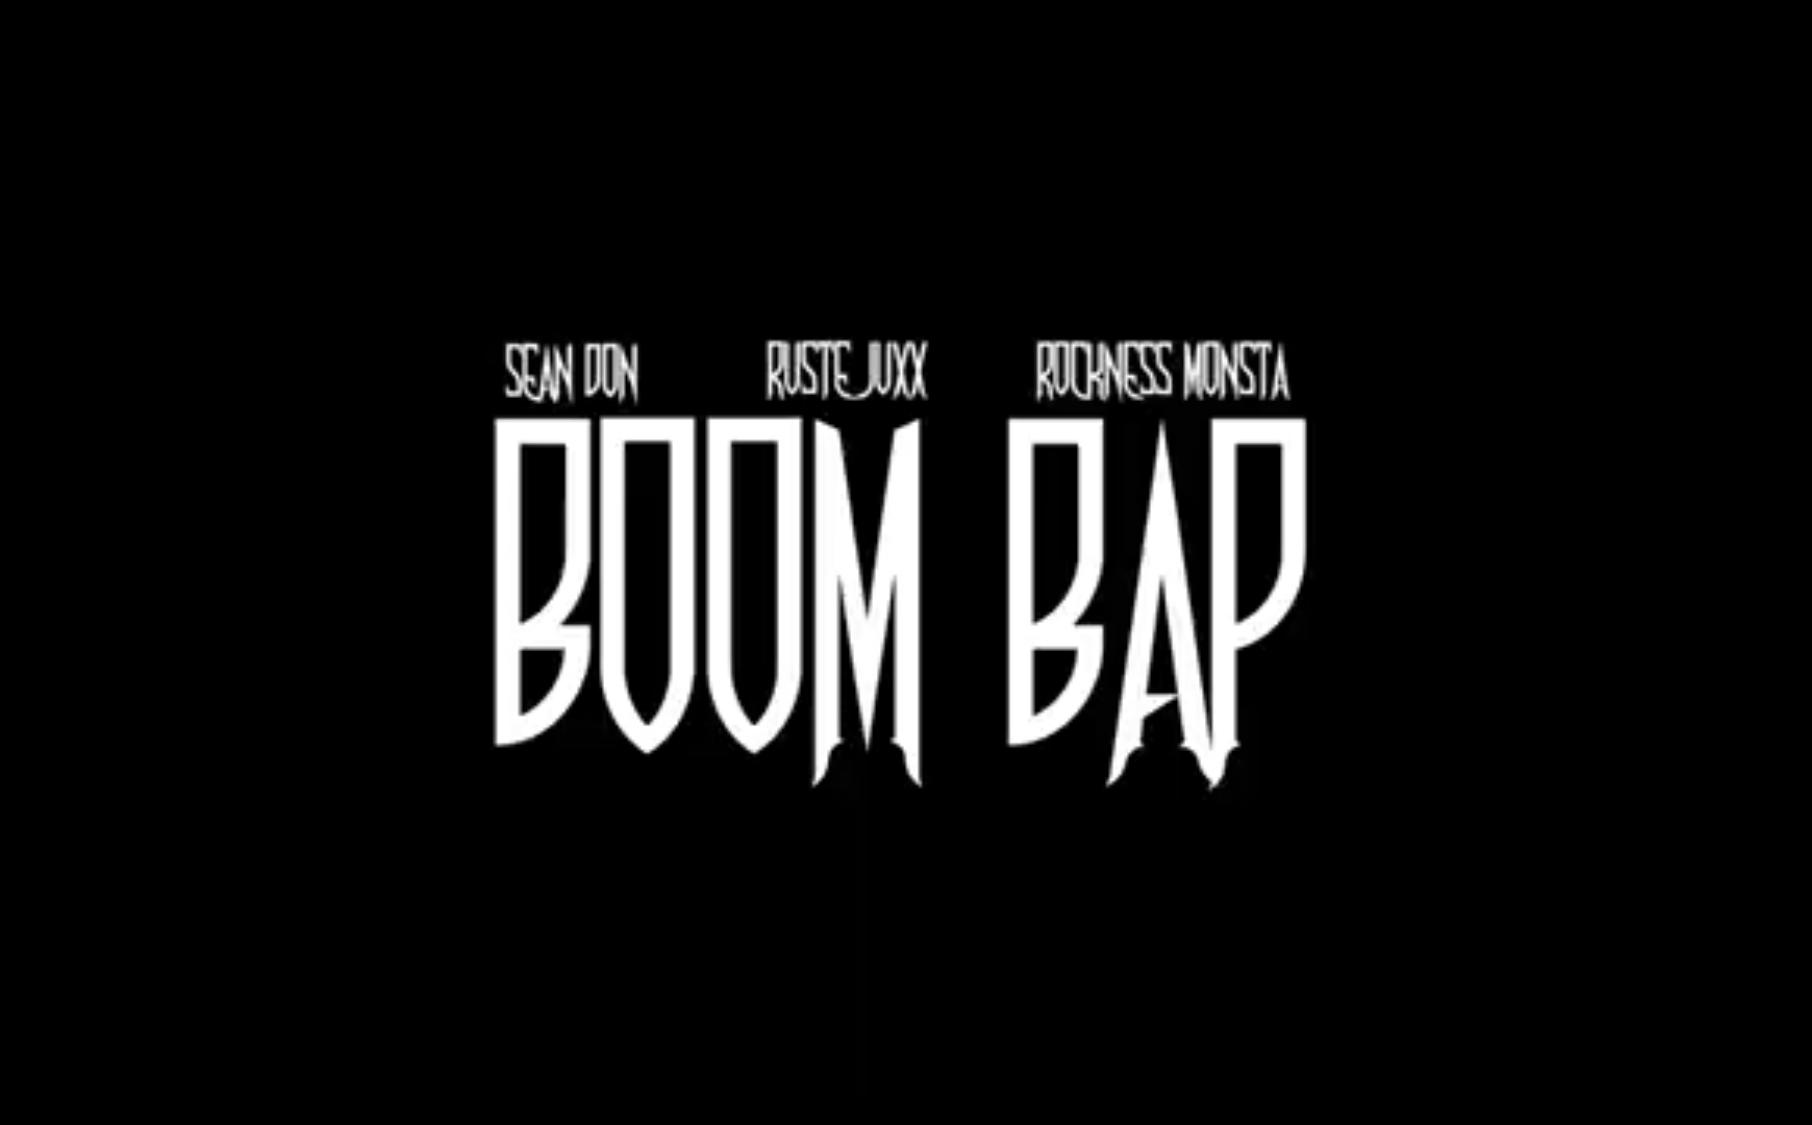 """Sean Don """"Boom Bap"""" feat. Rockness Monsta, Ruste Juxx (Official Music Video)"""